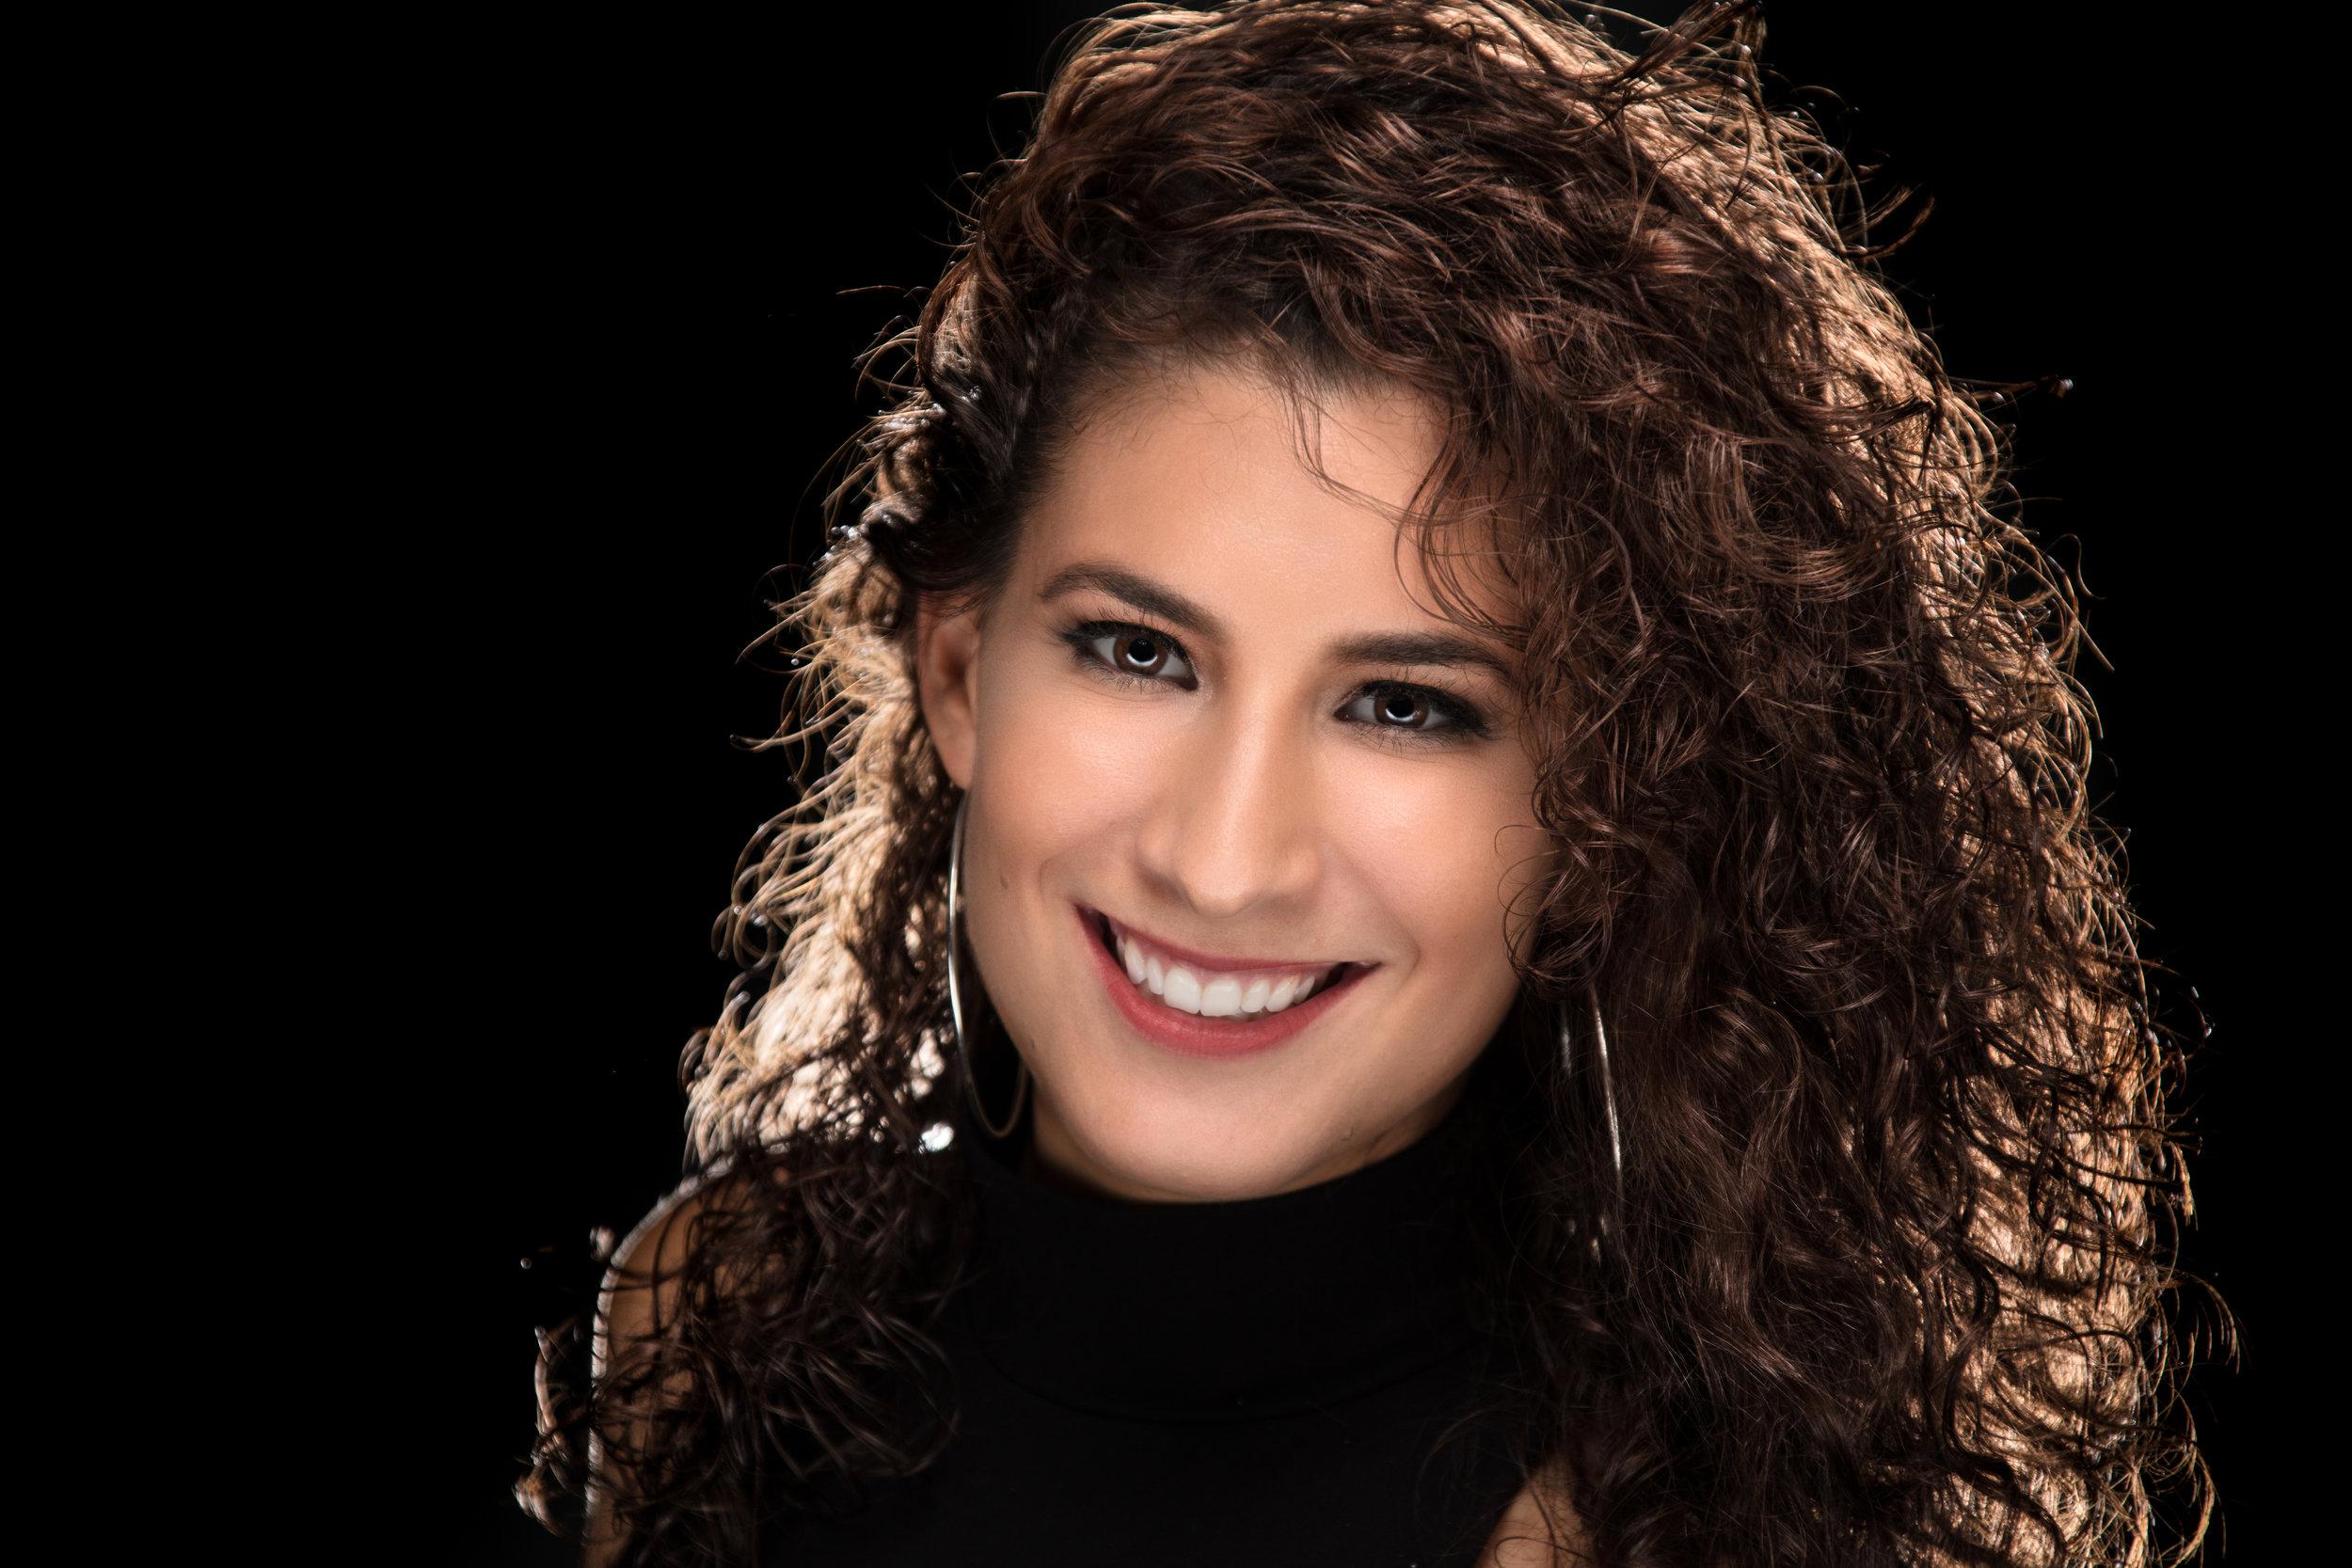 Carmela Dormani